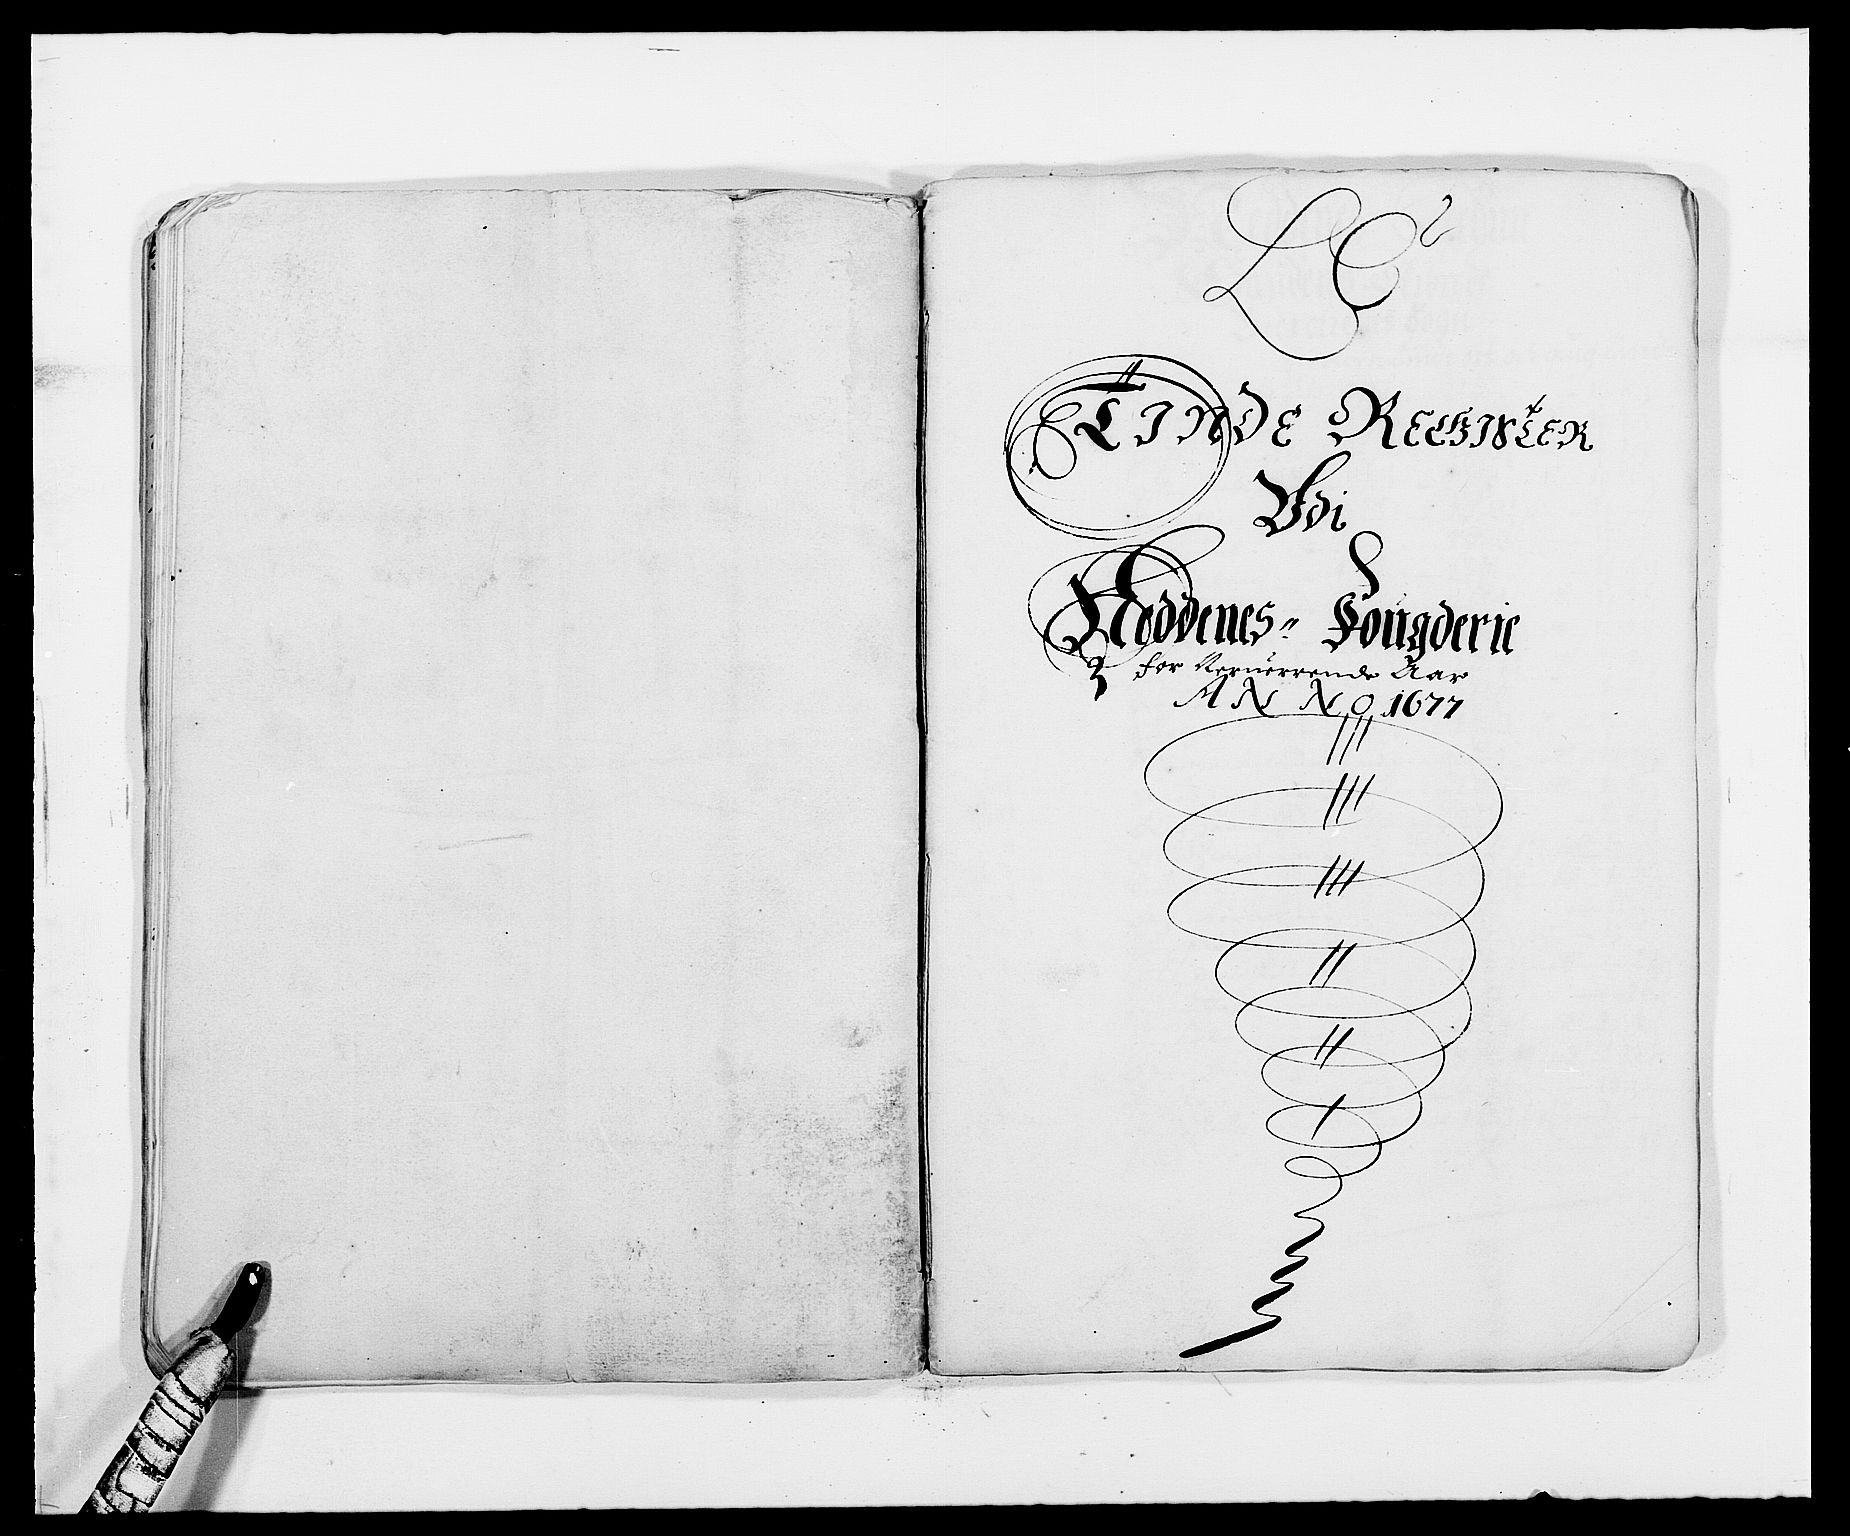 RA, Rentekammeret inntil 1814, Reviderte regnskaper, Fogderegnskap, R39/L2302: Fogderegnskap Nedenes, 1677-1678, s. 60